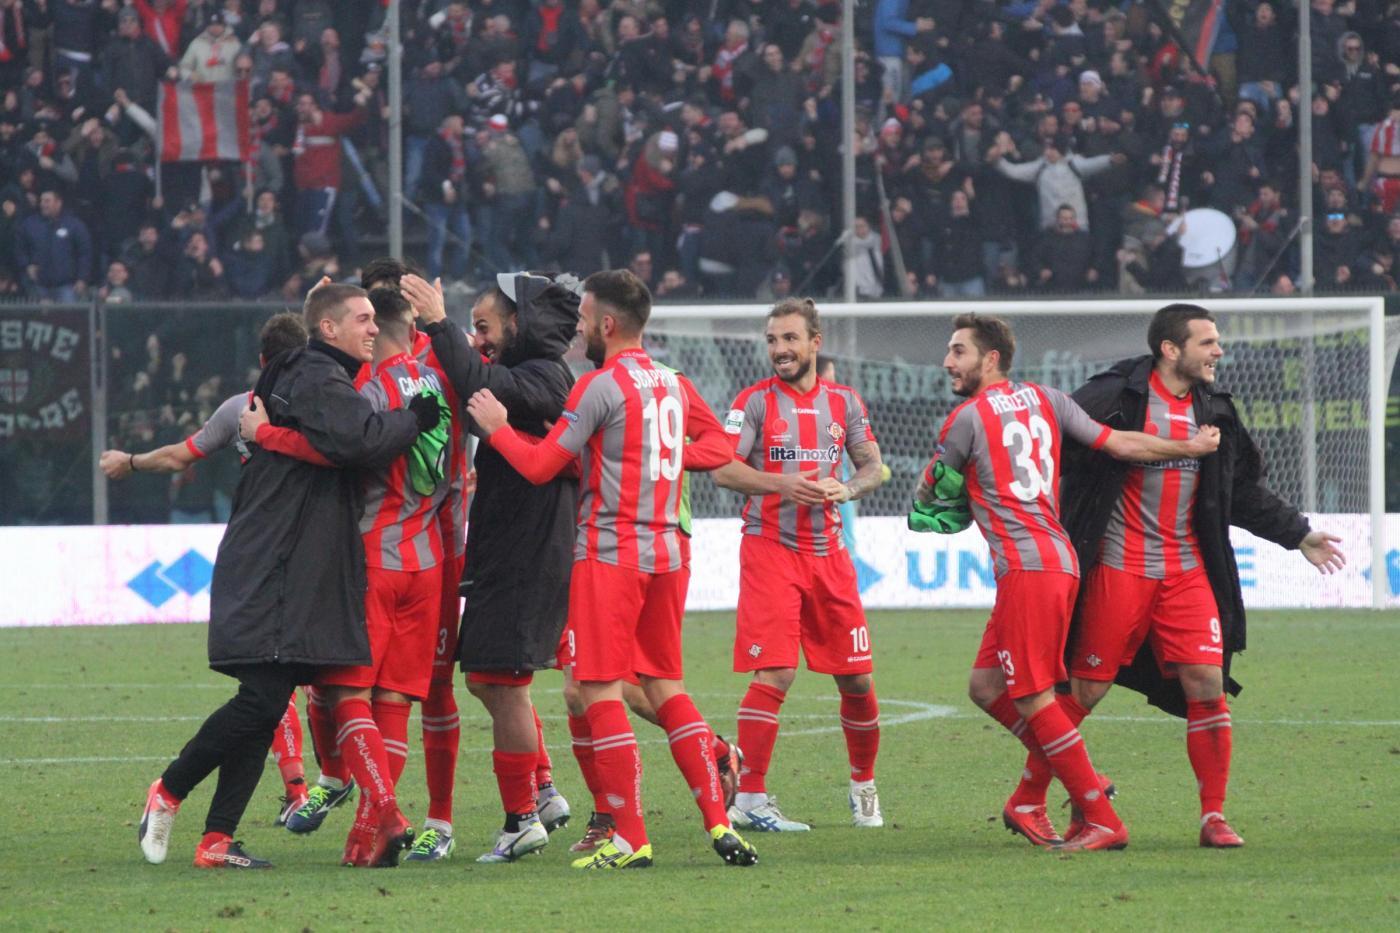 Cremonese-Cittadella 10 marzo, analisi e pronostico Serie B giornata 30